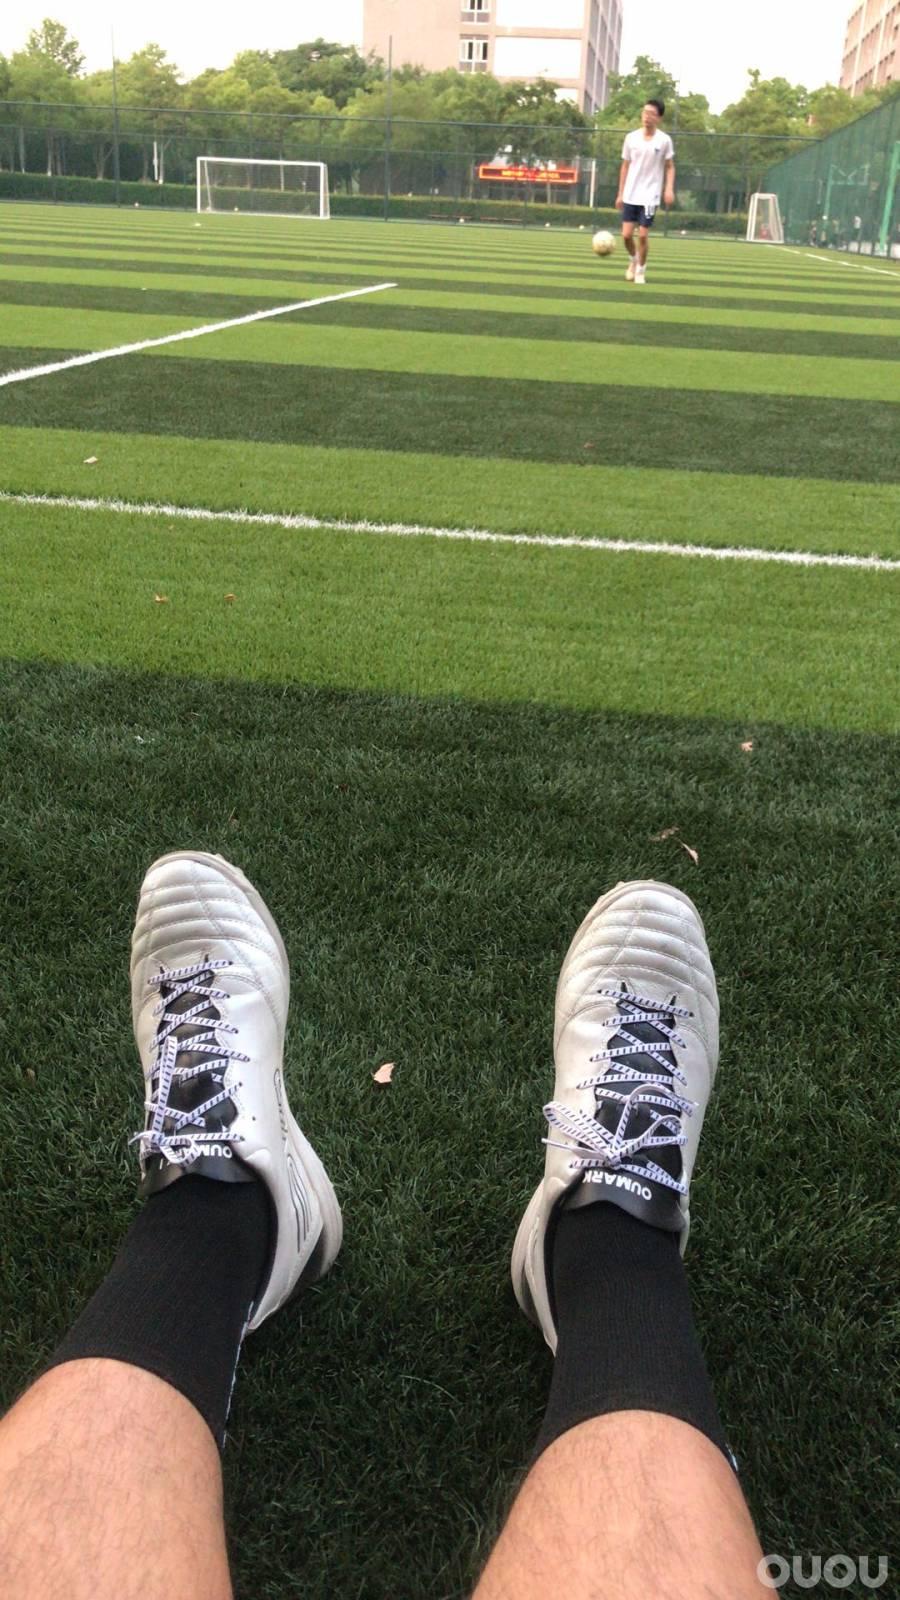 Oumark1的下地感受以及个人对国产足球鞋的看法。